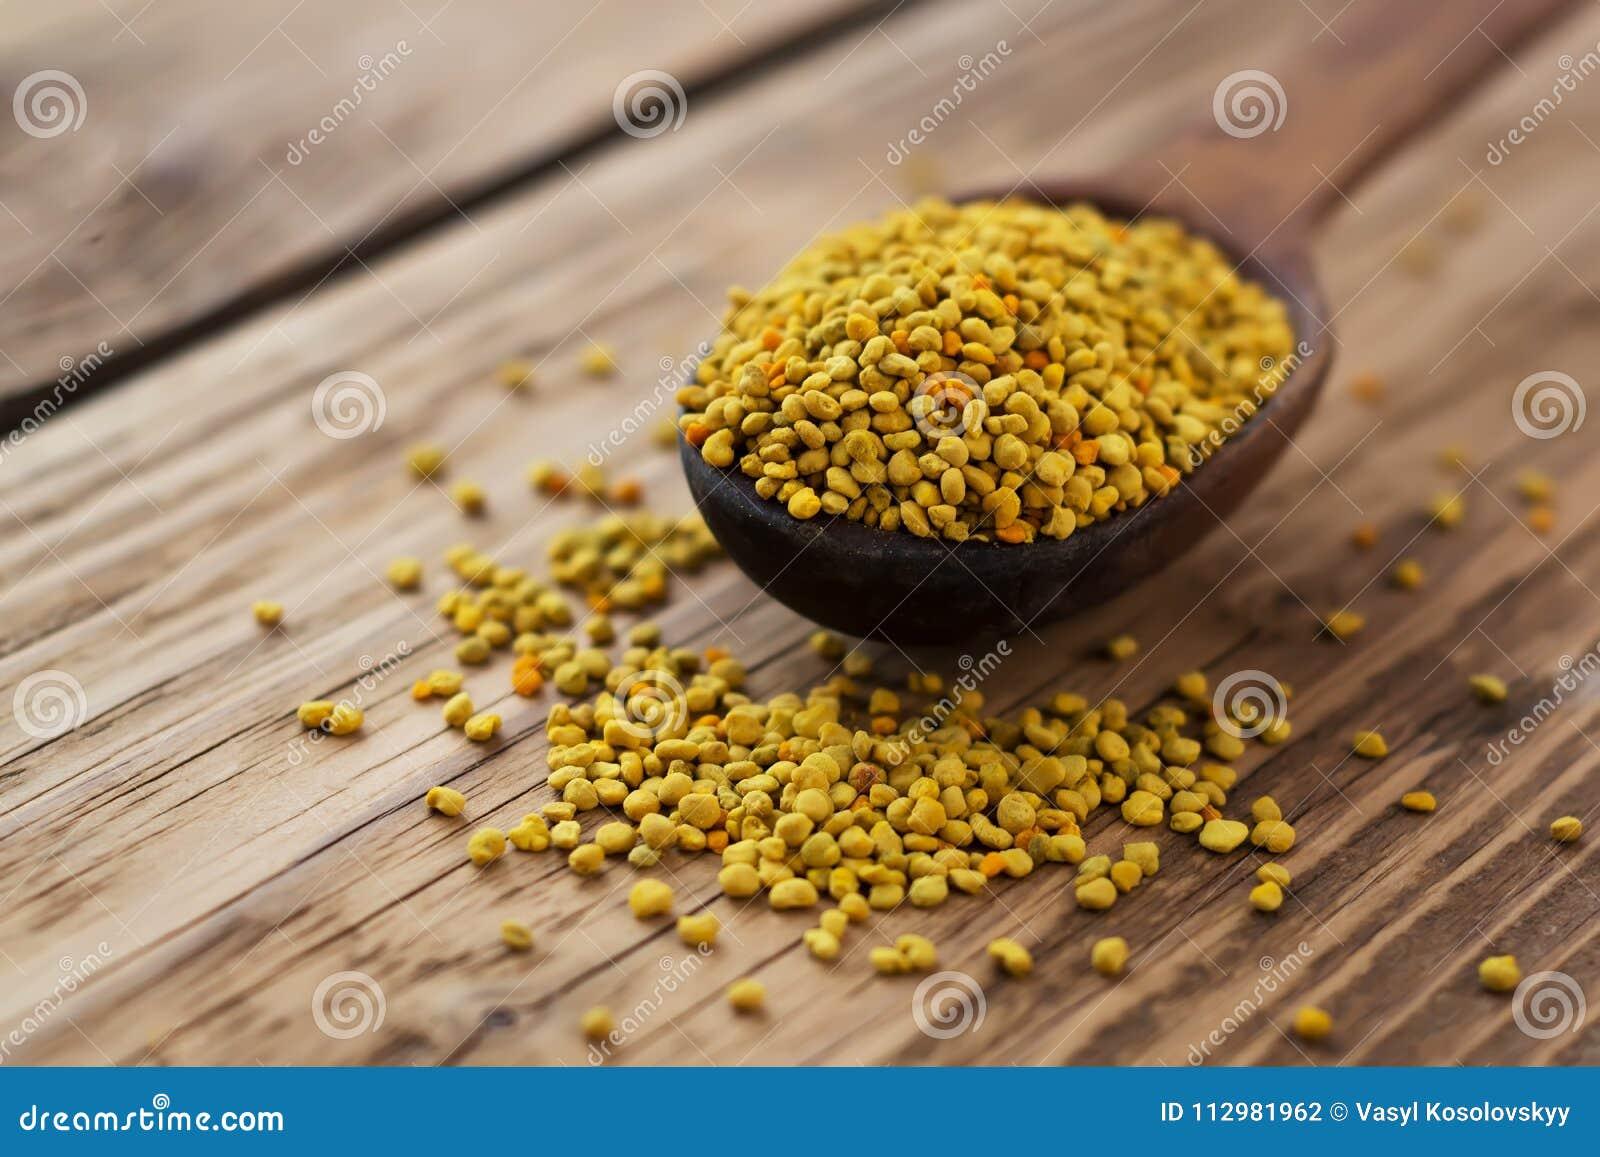 Bee pollen in spoon over wooden background. Healthy organic raw diet vegetarian food ingredient - bee pollen. Beekeeping products.